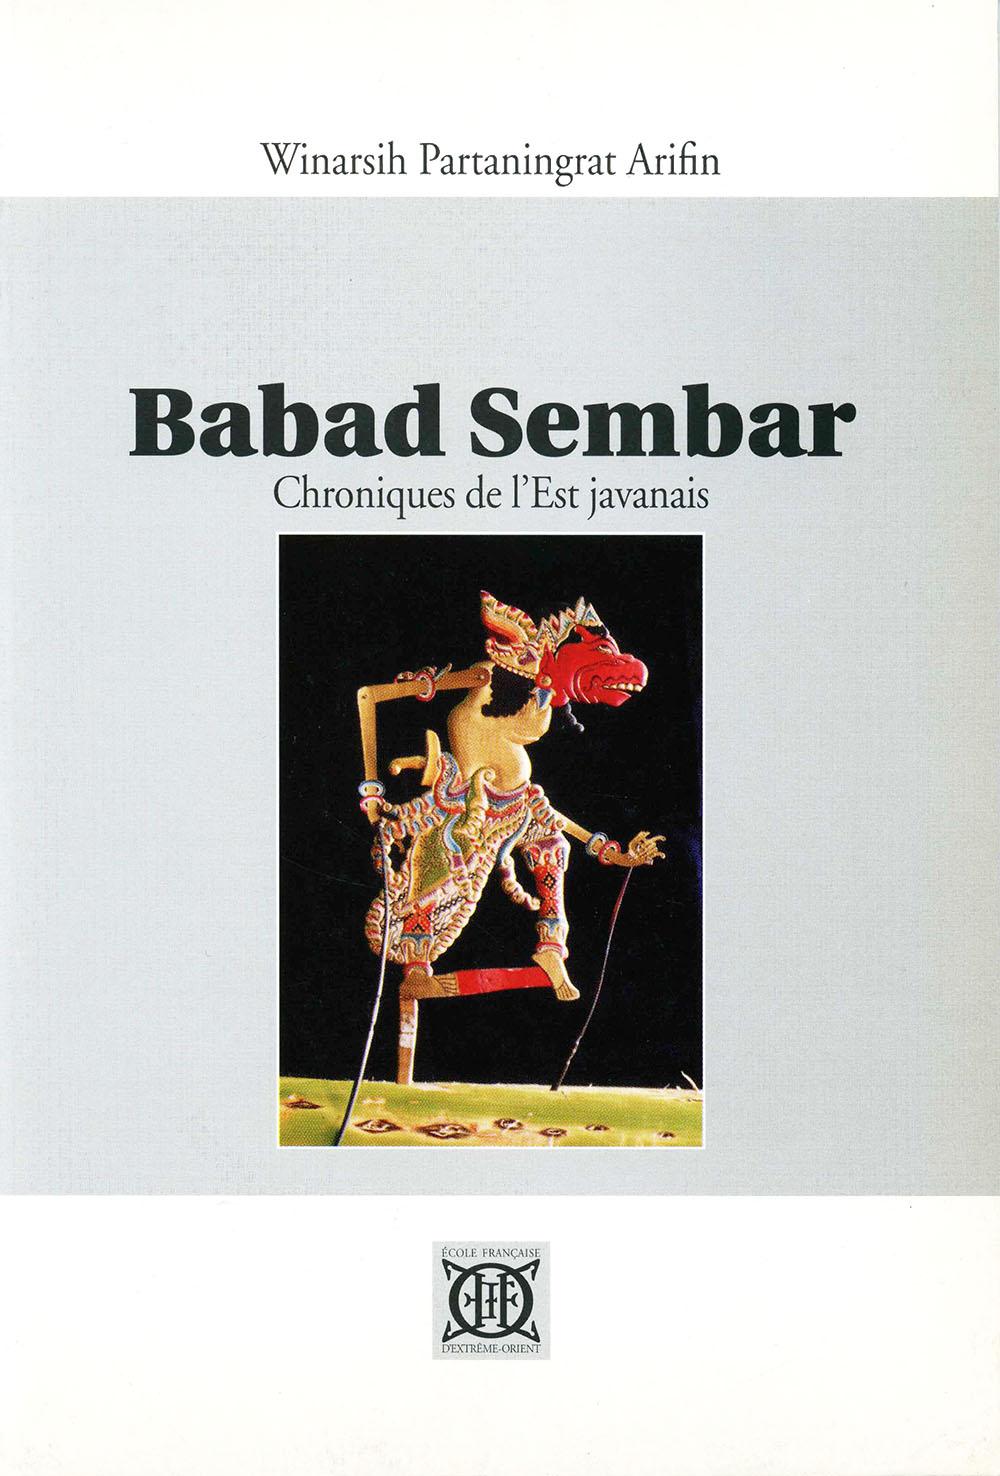 Babad Sembar. Chroniques de l'Est javanais